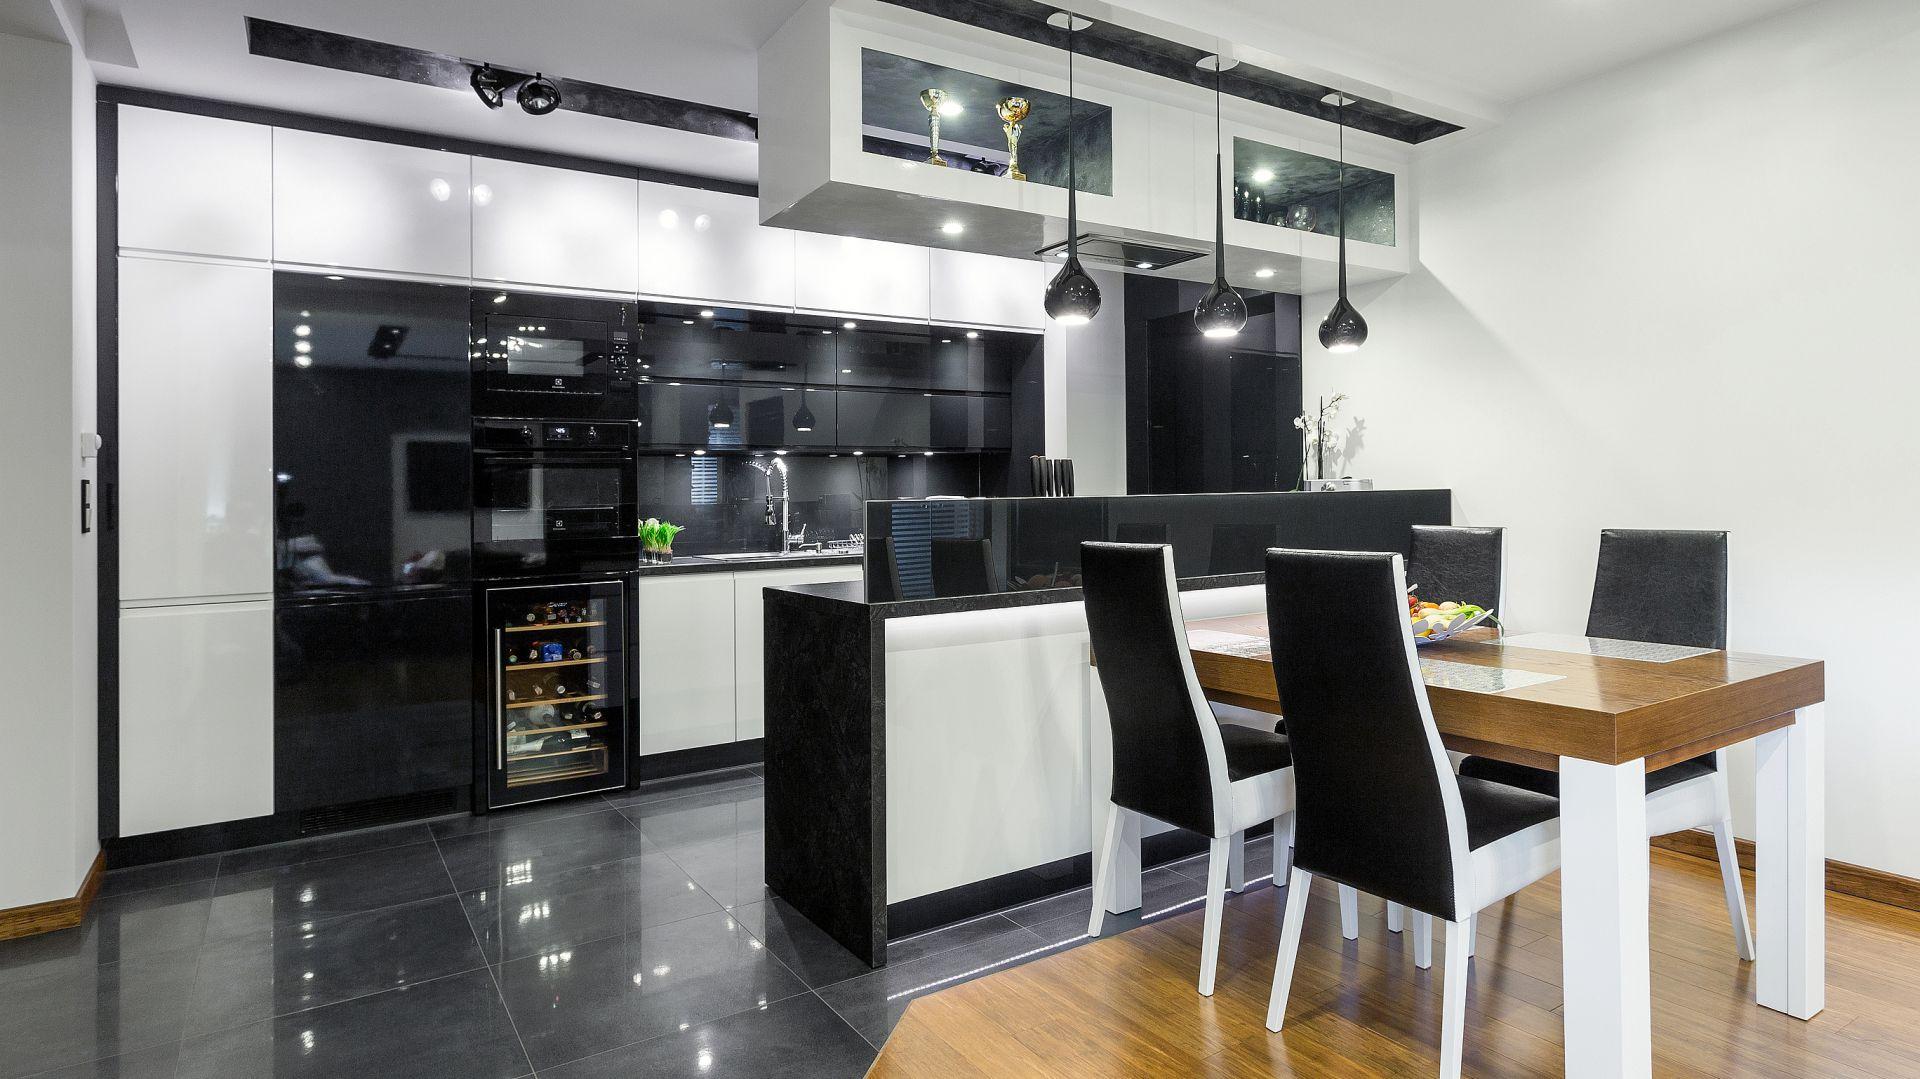 Kuchnia Otwarta Piękny Projekt Wnętrza